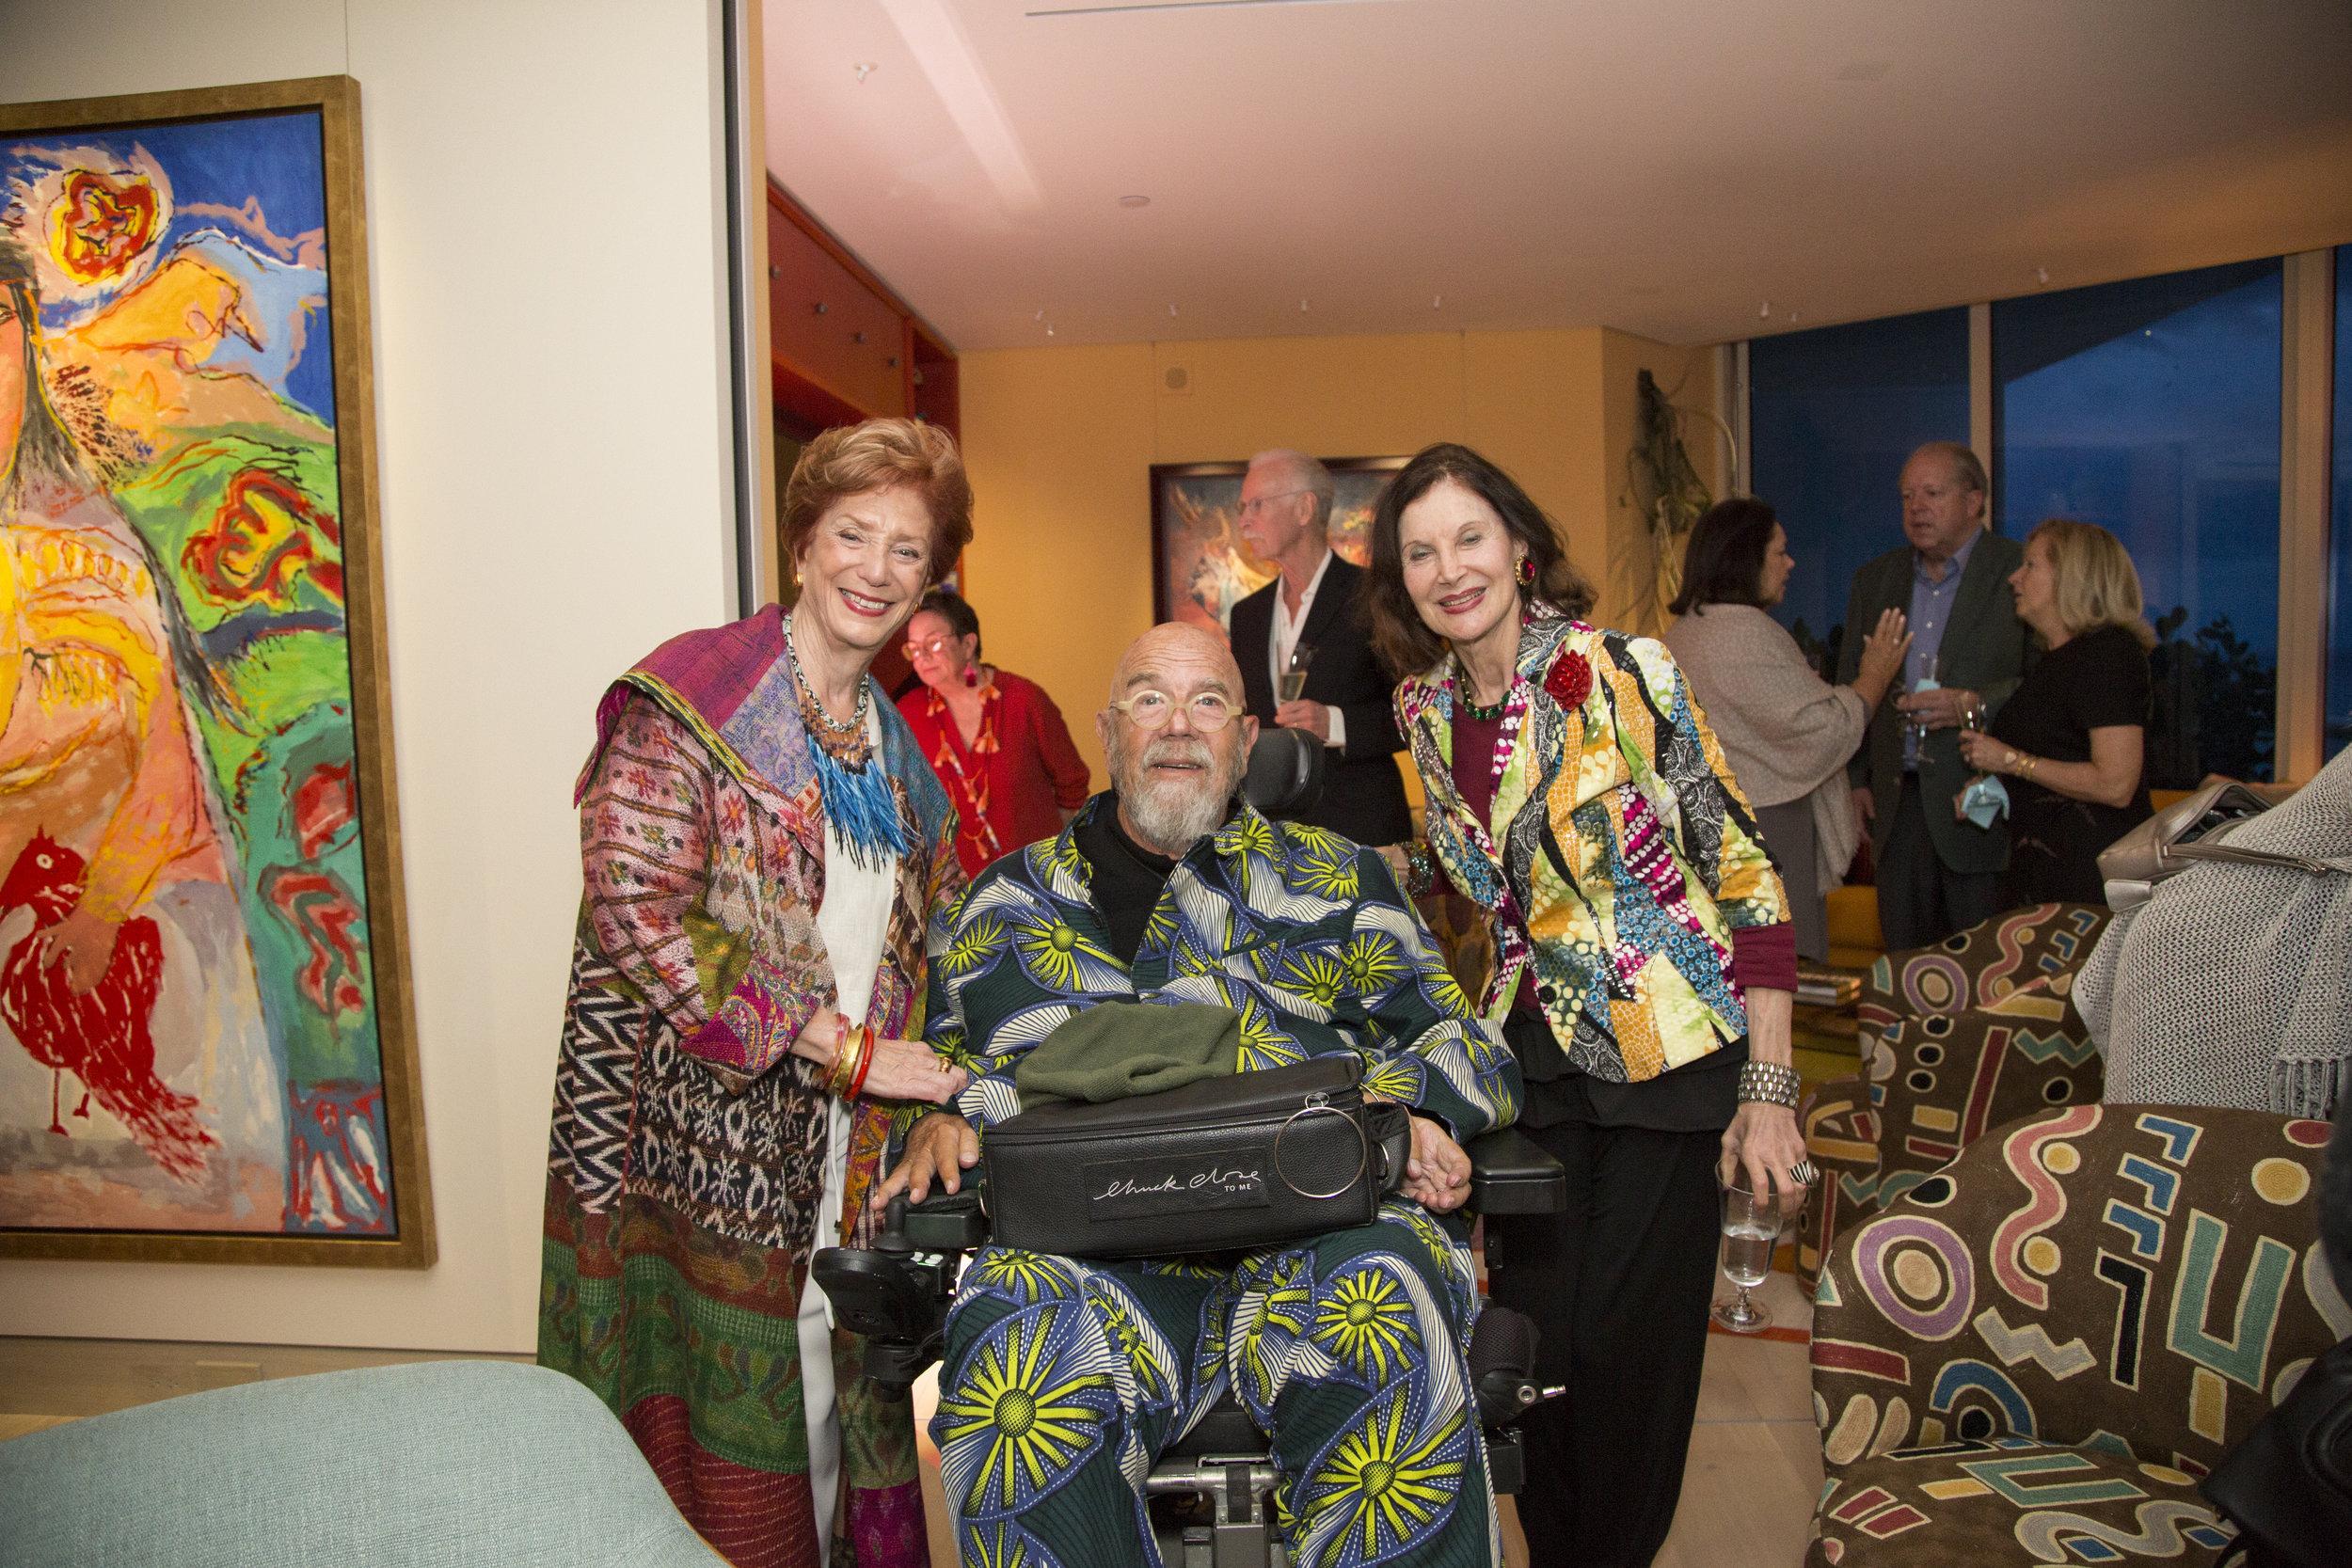 Shelley Rubin & Chuck Close